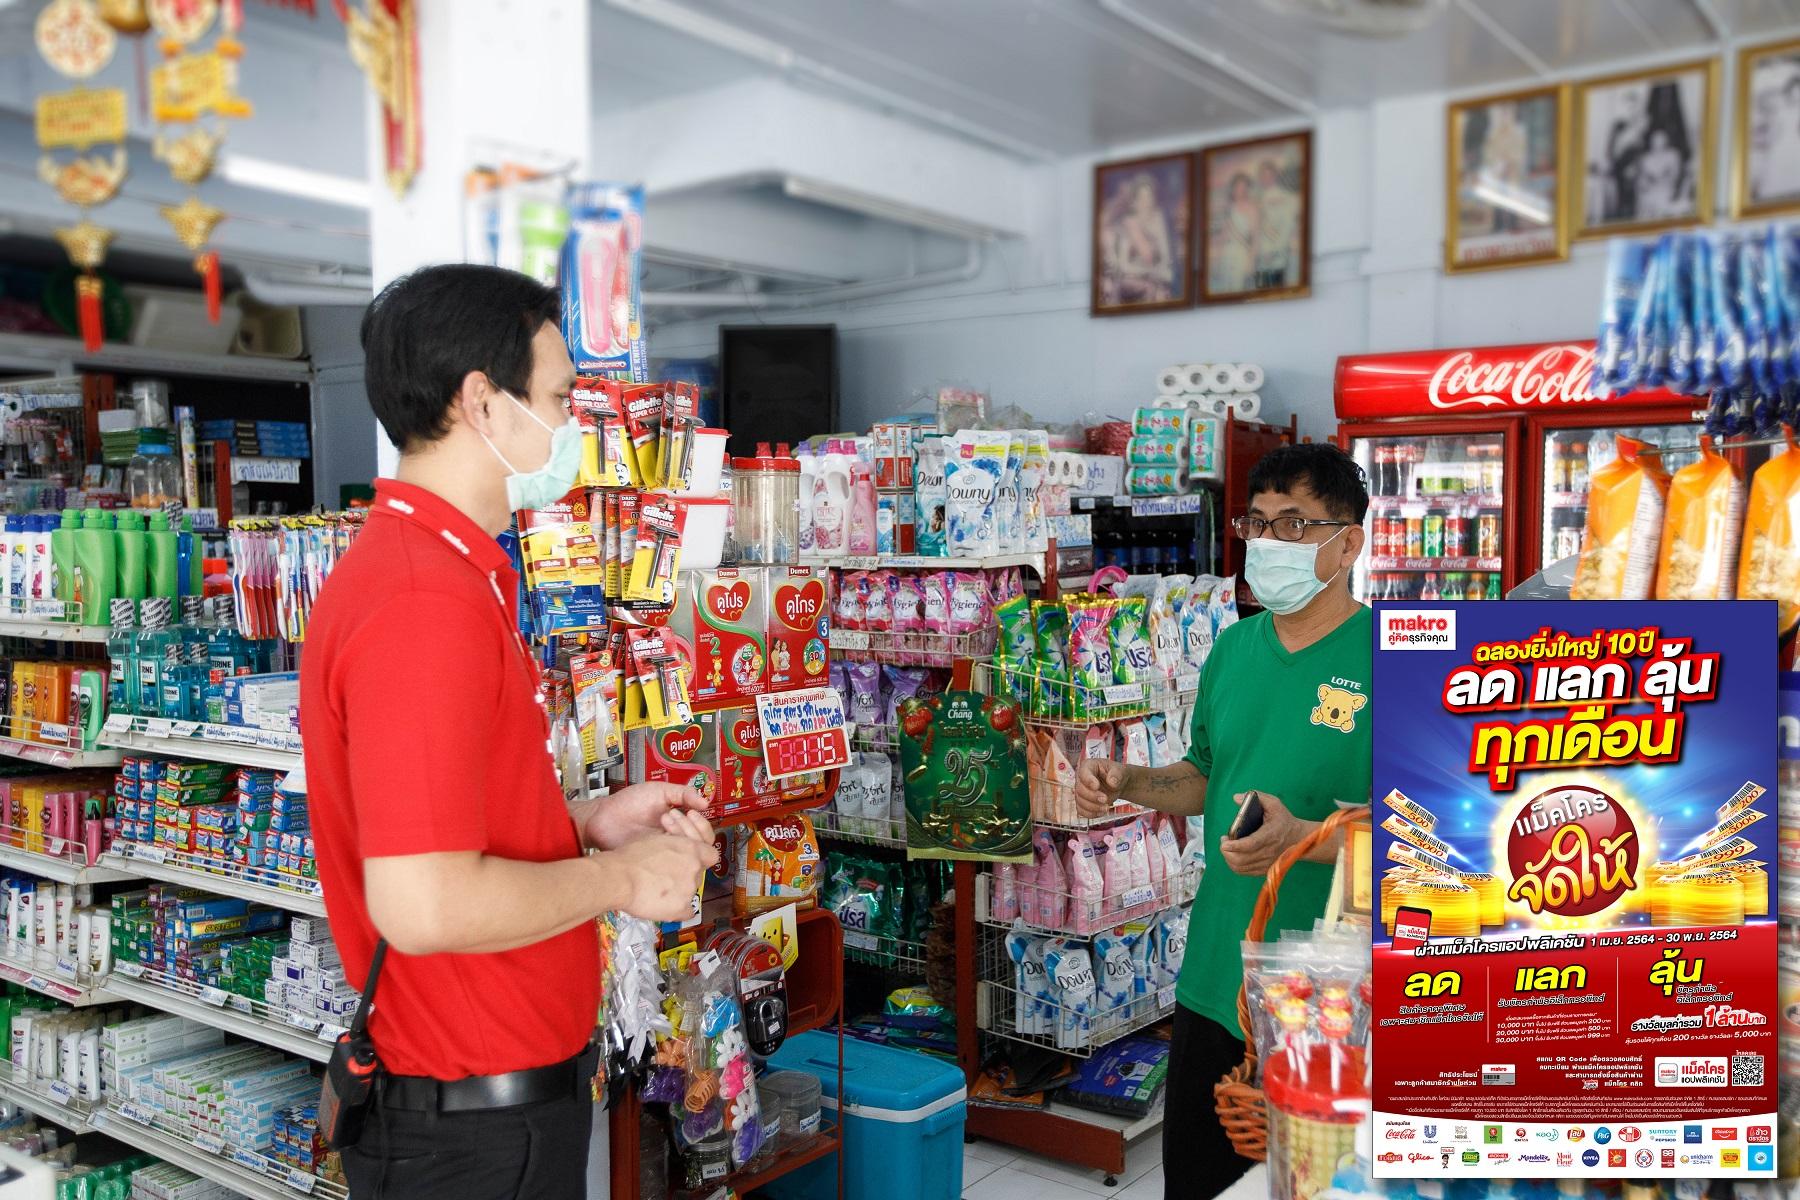 แม็คโคร ลดแรงเพื่อผู้ประกอบการ รับกำลังซื้อฟื้น สร้างโอกาสเพิ่มรายได้ โชห่วยไทยครั้งยิ่งใหญ่ !